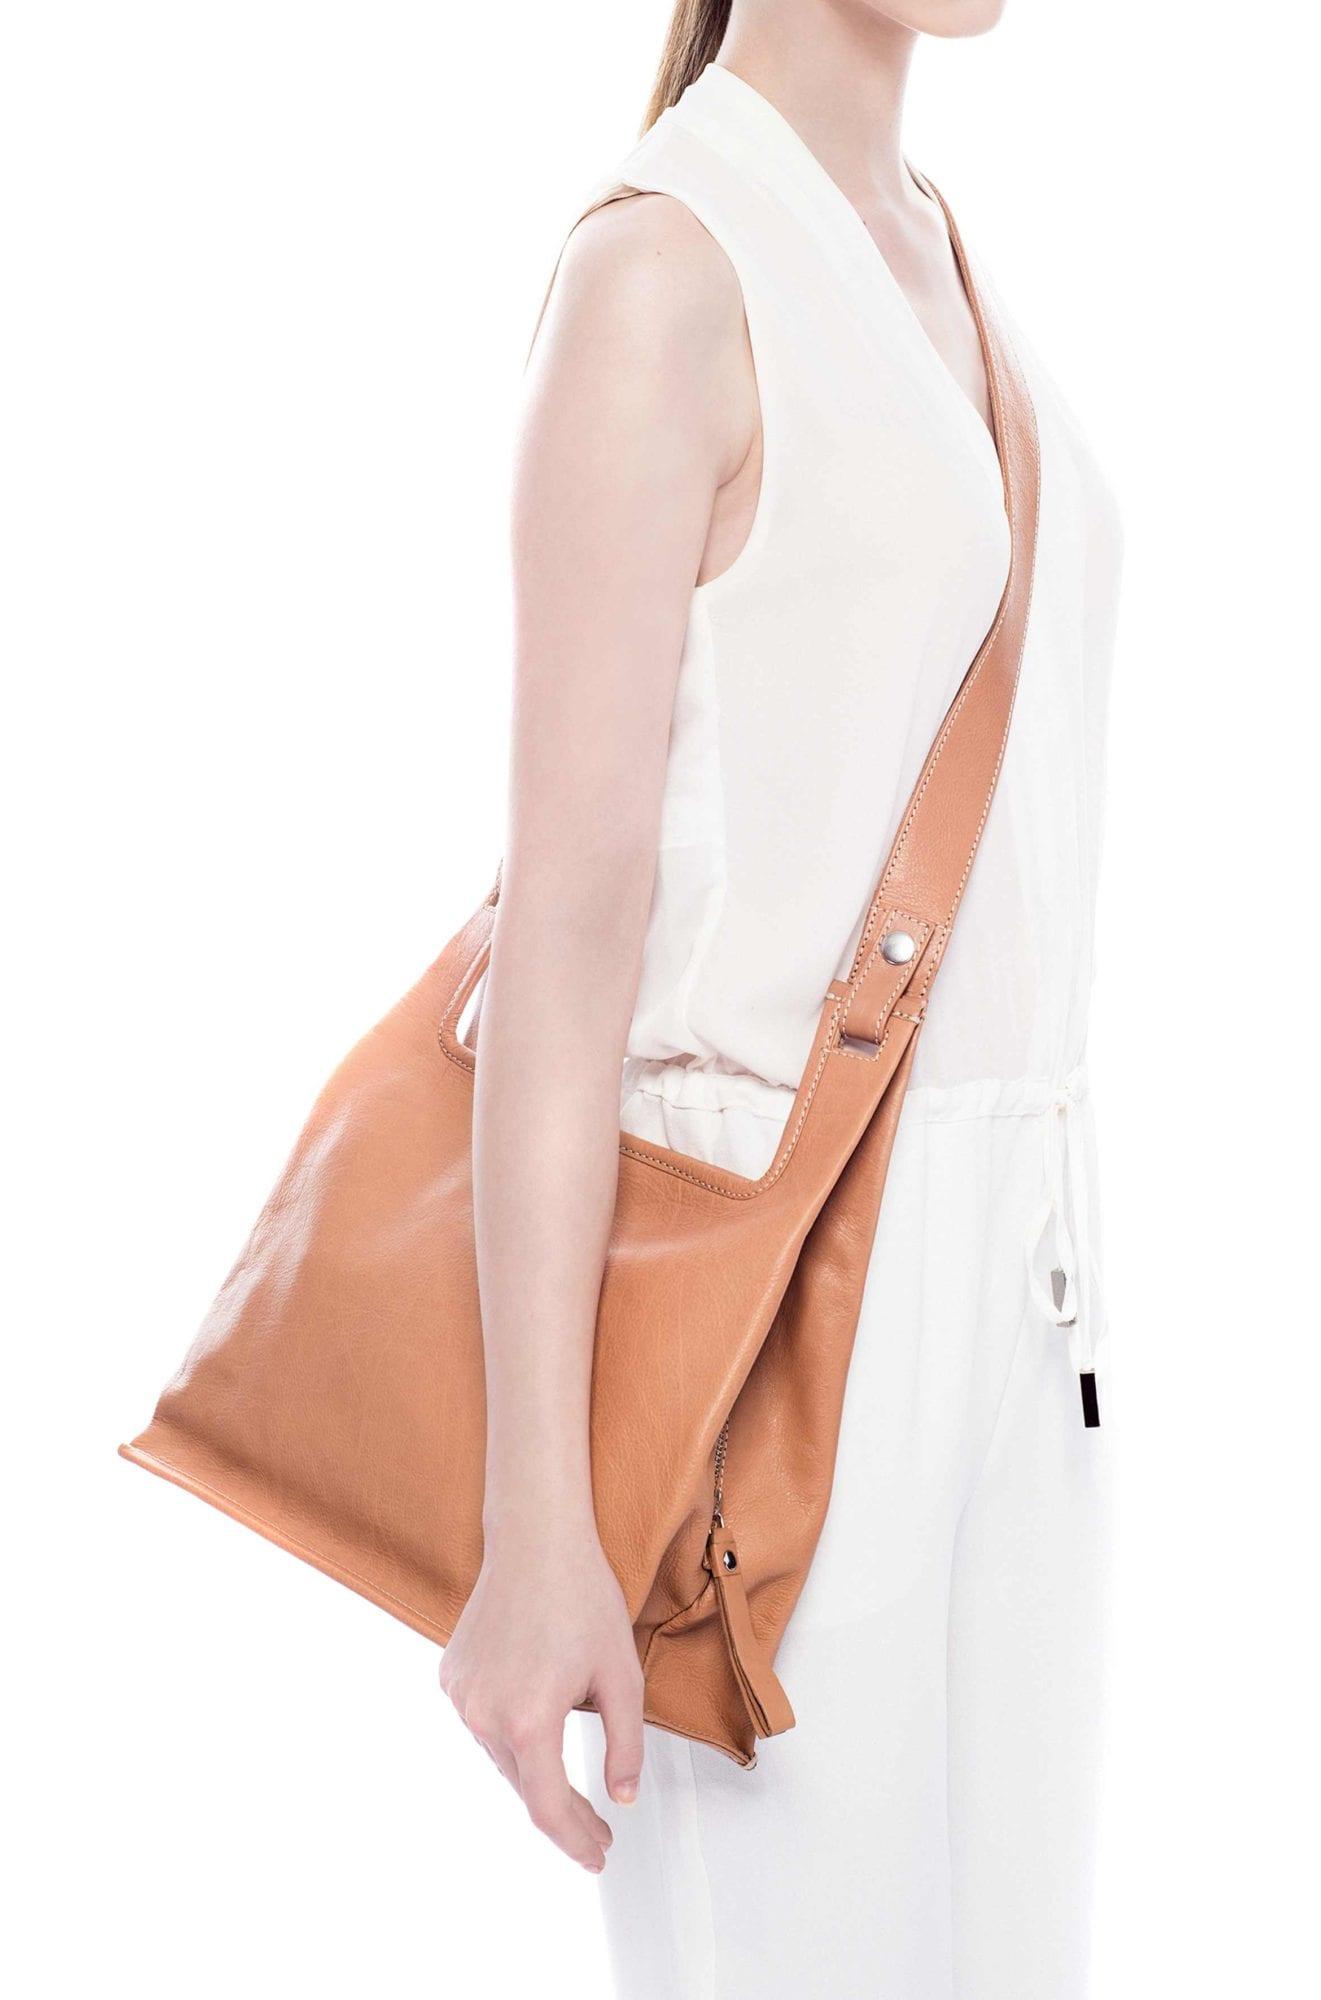 Myydään Lumi Laukku : Lumi supermarket bag m your tyylik?s